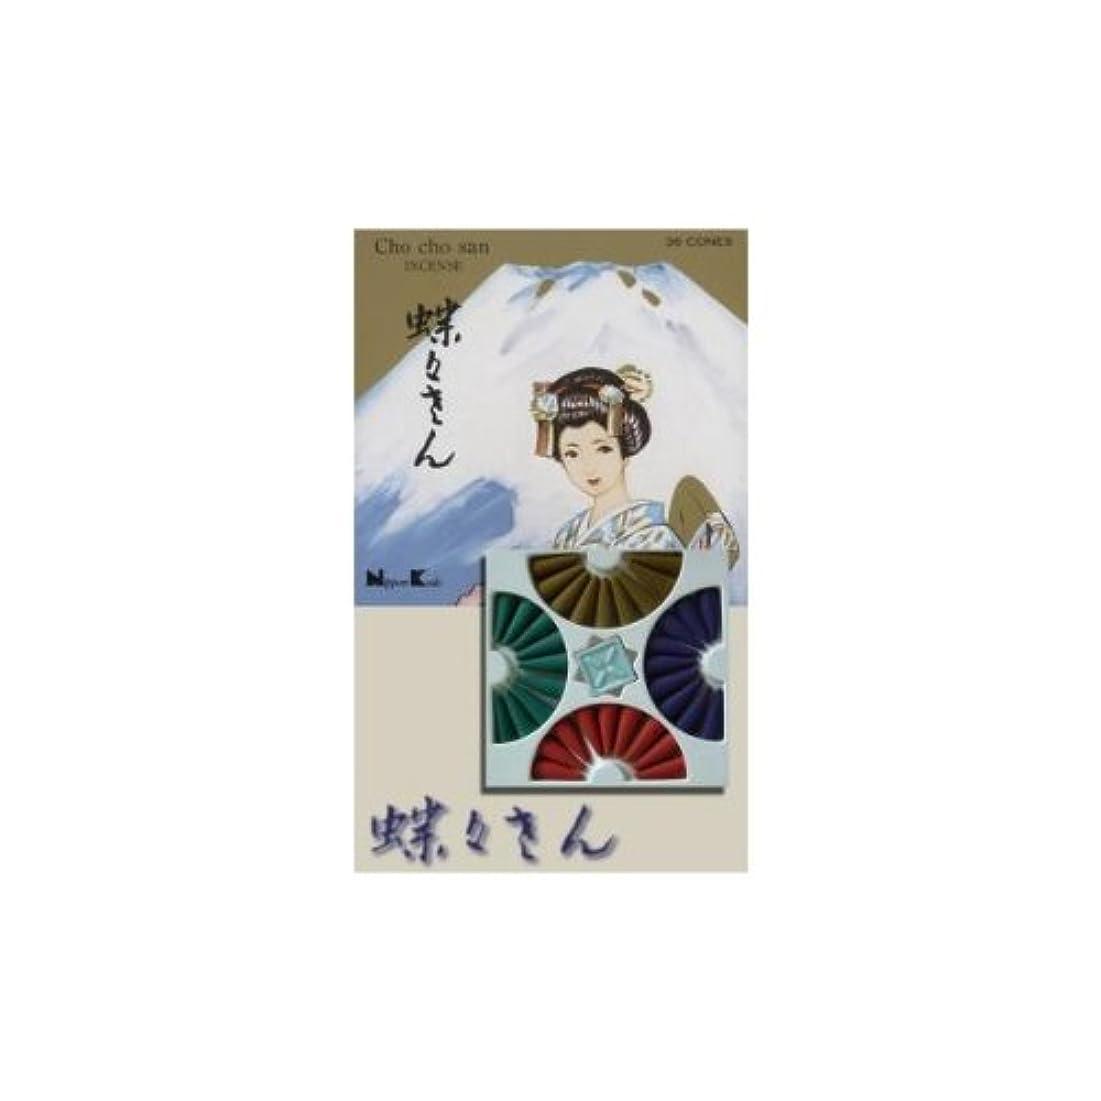 運ぶ例外安定日本香堂 蝶々さんコーン 36個入 香立付